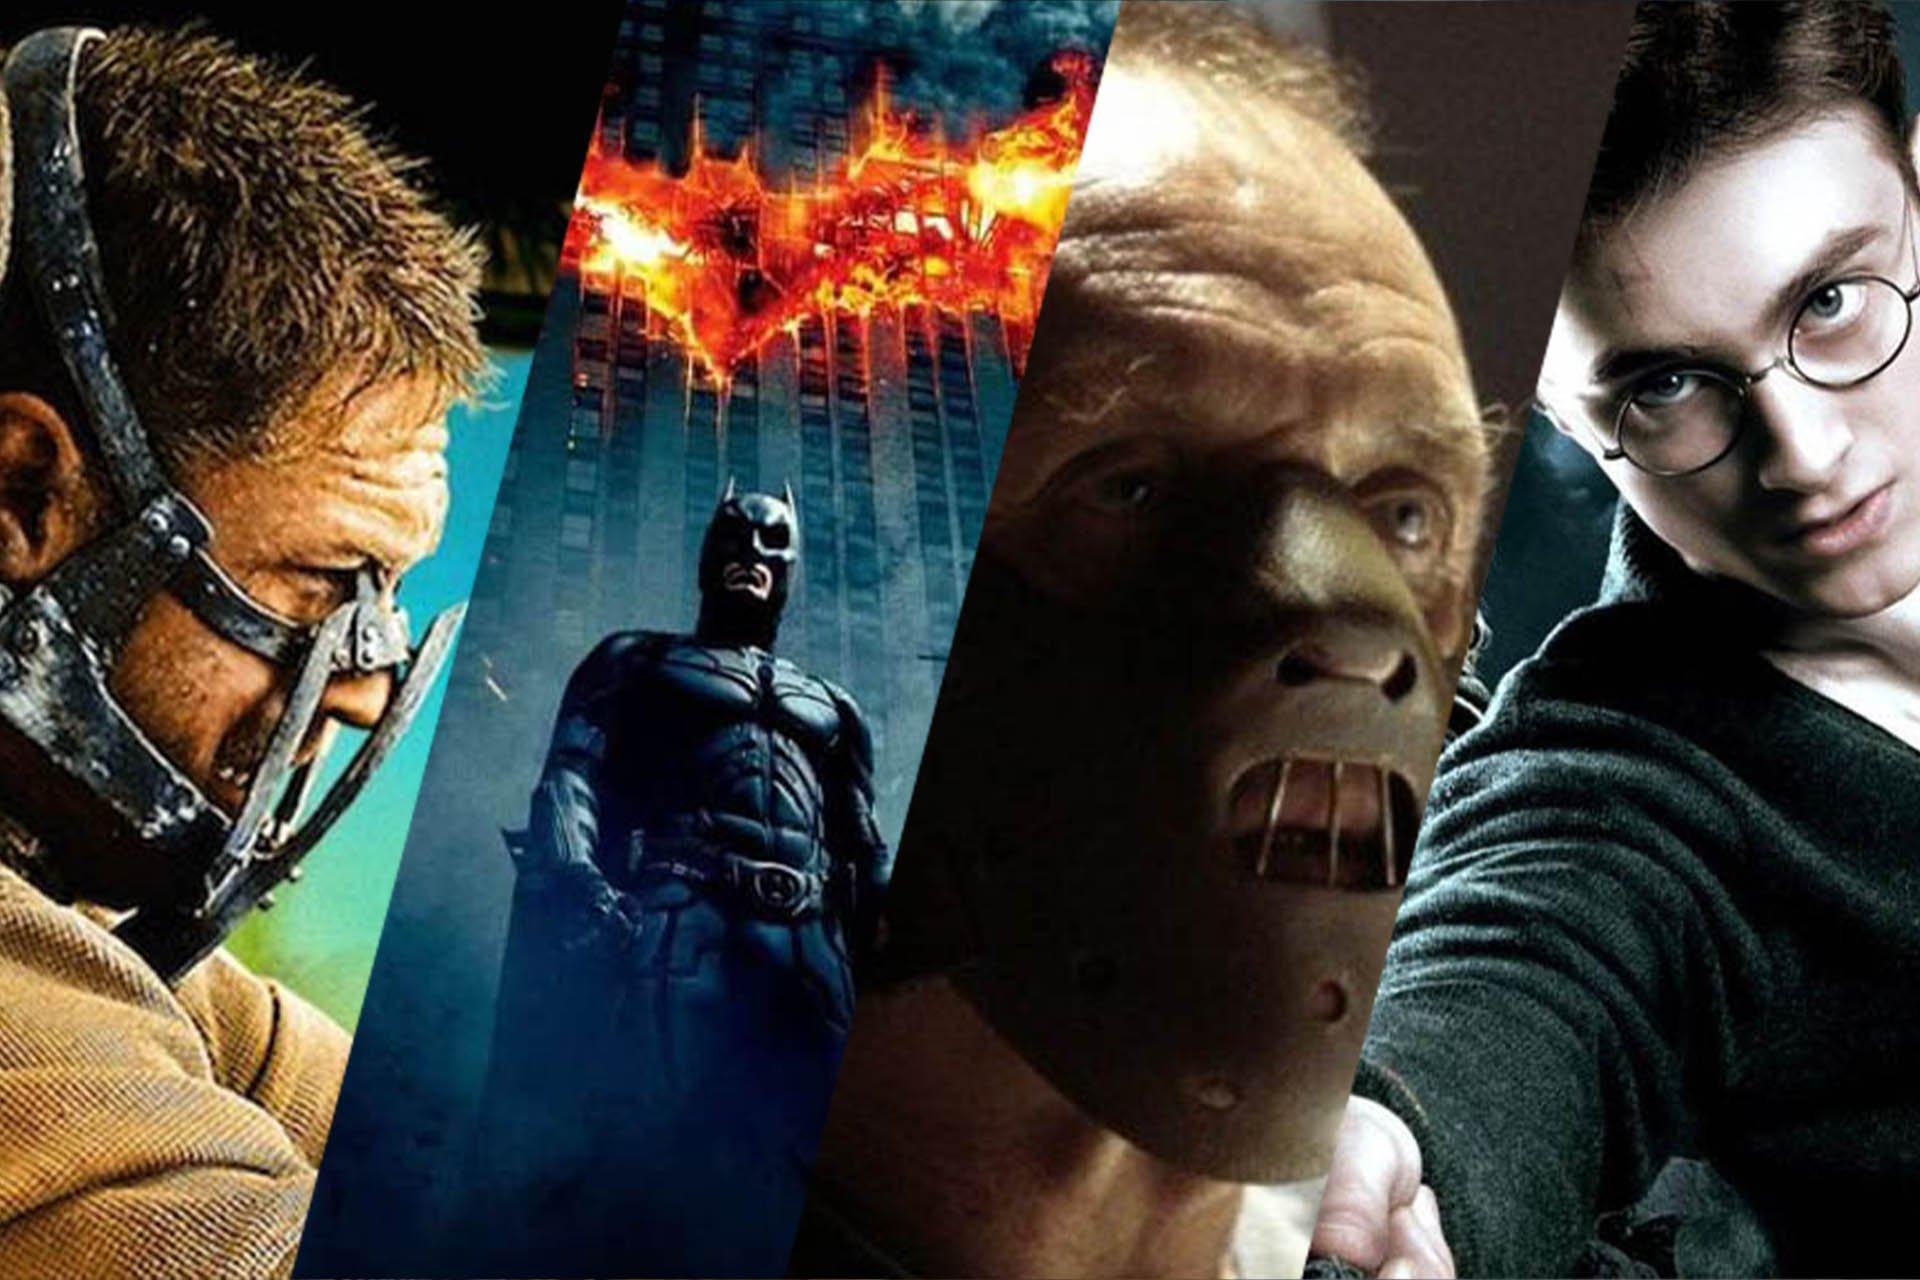 رتبهبندی مجموعههای سینمایی از نگاه متاکریتیک